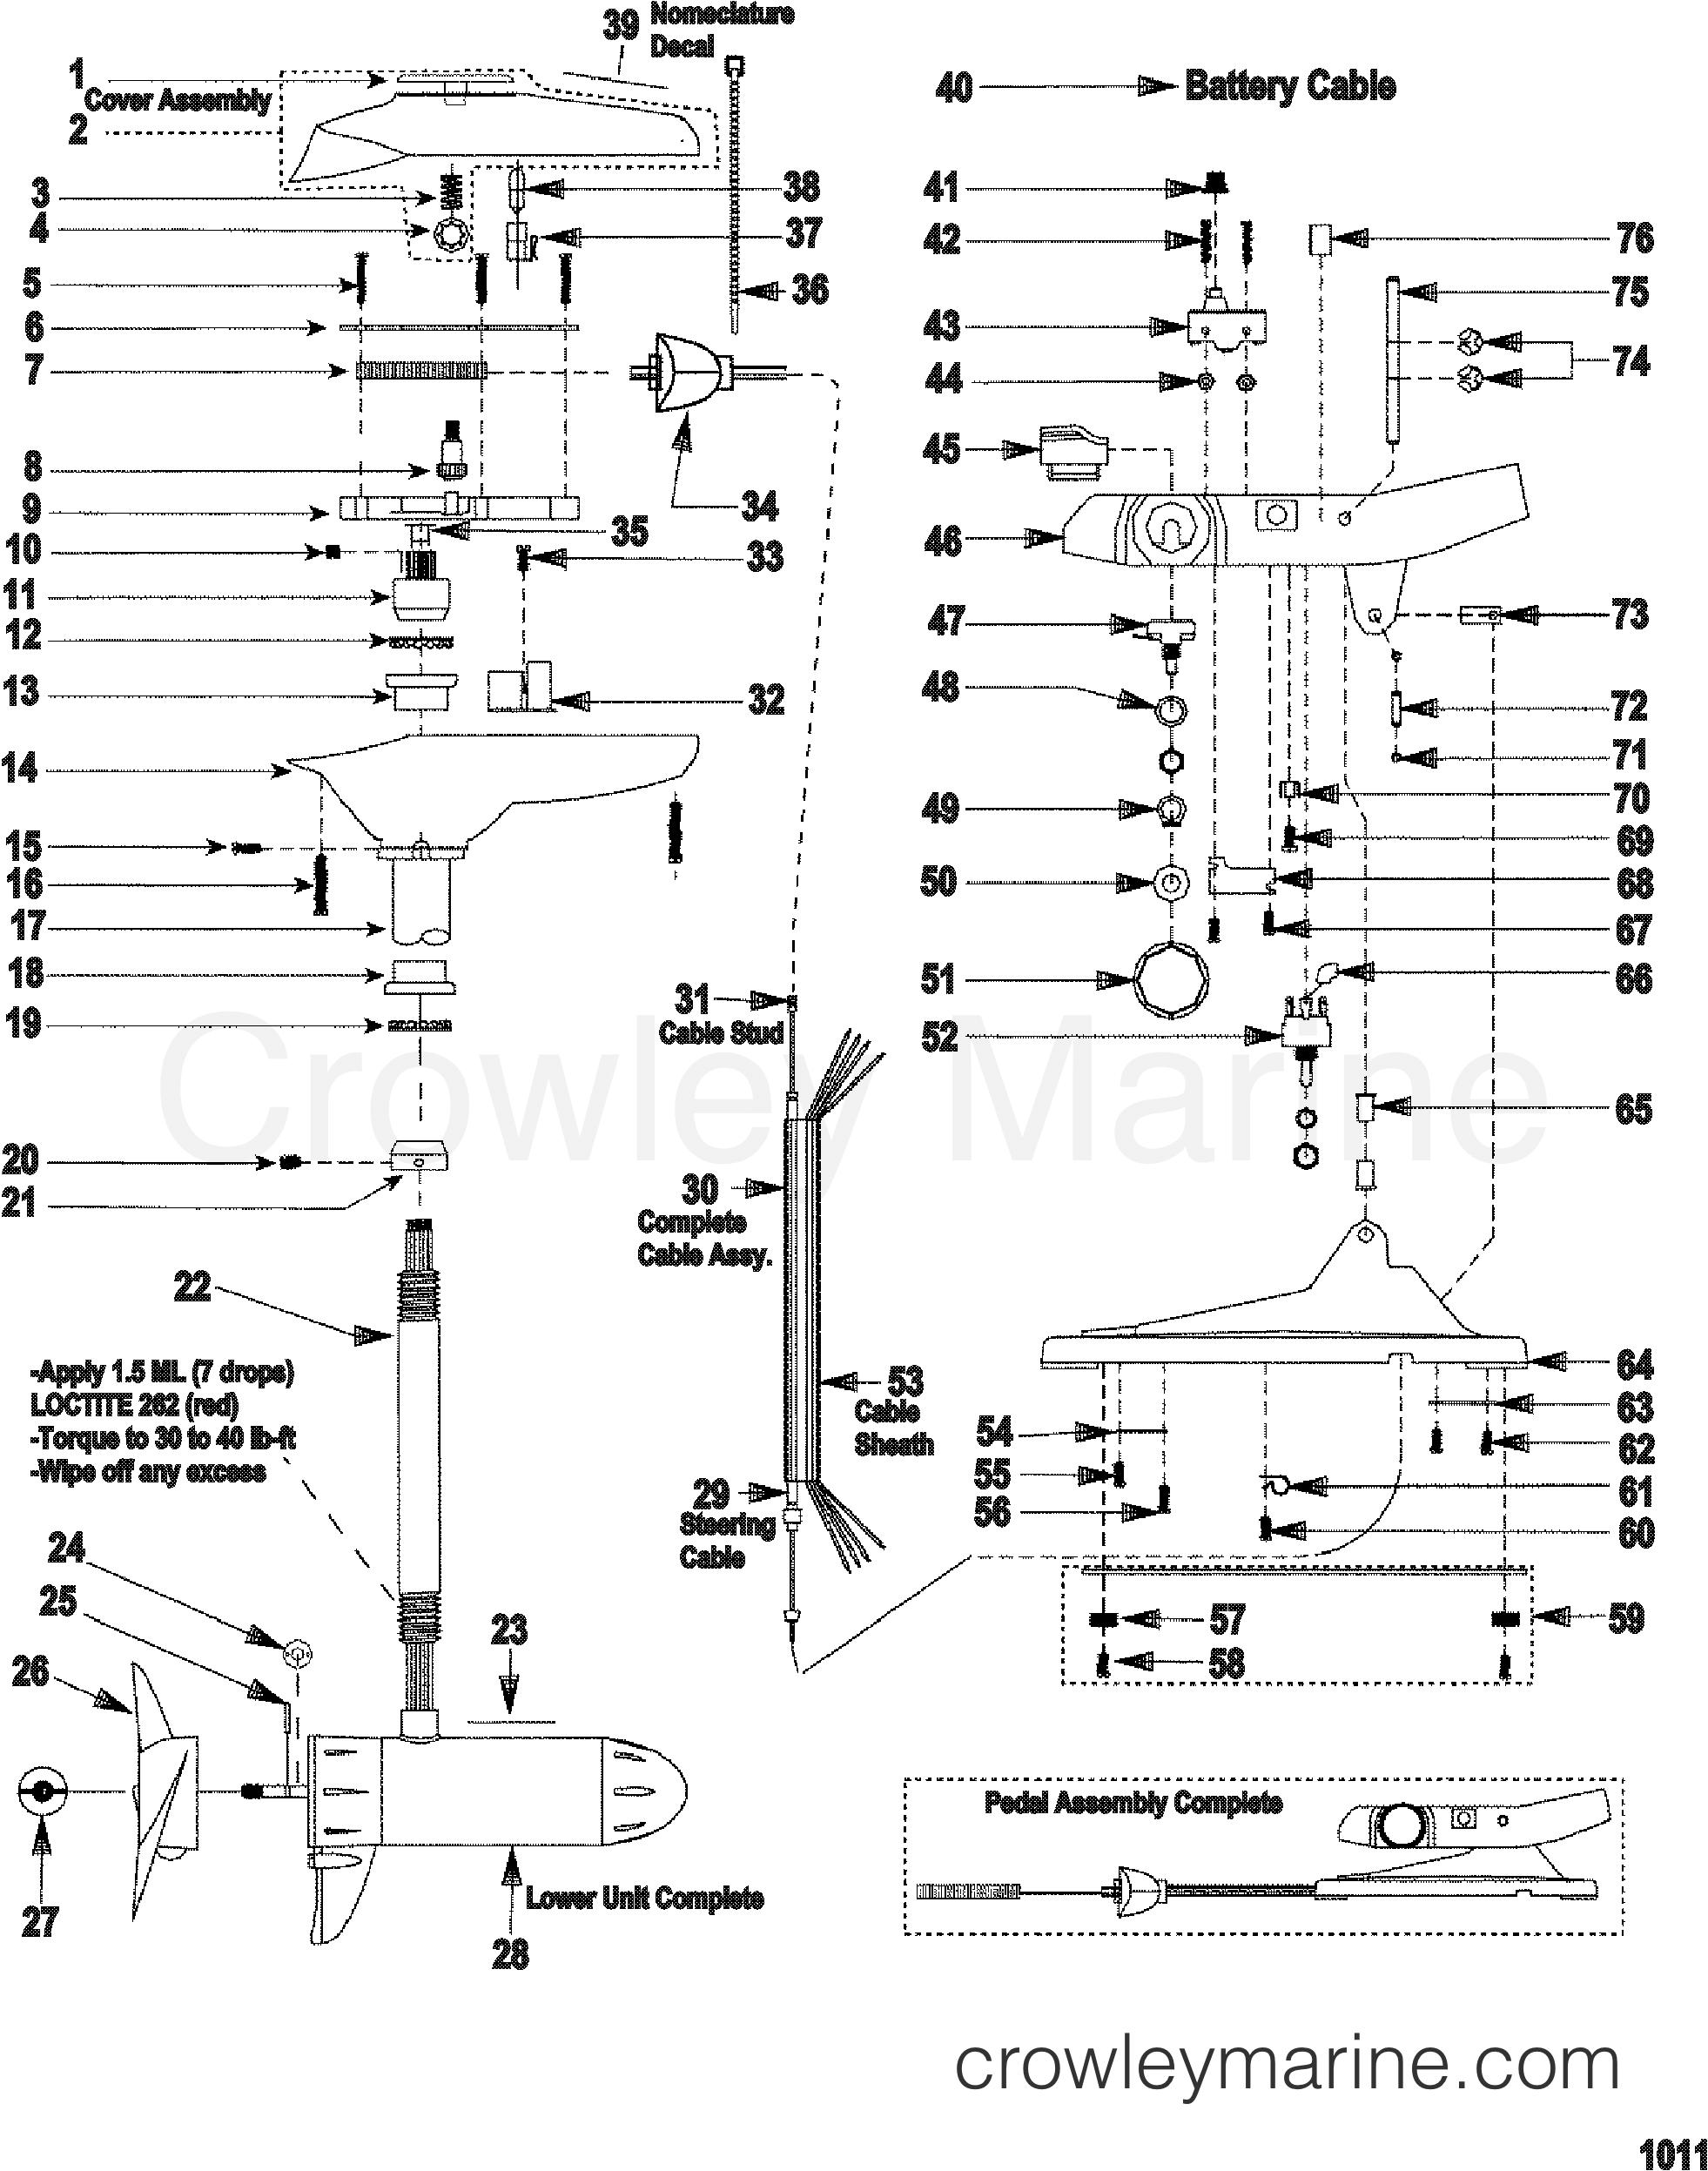 2000 MotorGuide 12V [MOTORGUIDE] - 9ET39B3WJ - COMPLETE TROLLING MOTOR(MODEL EF54V) (12 VOLT) section